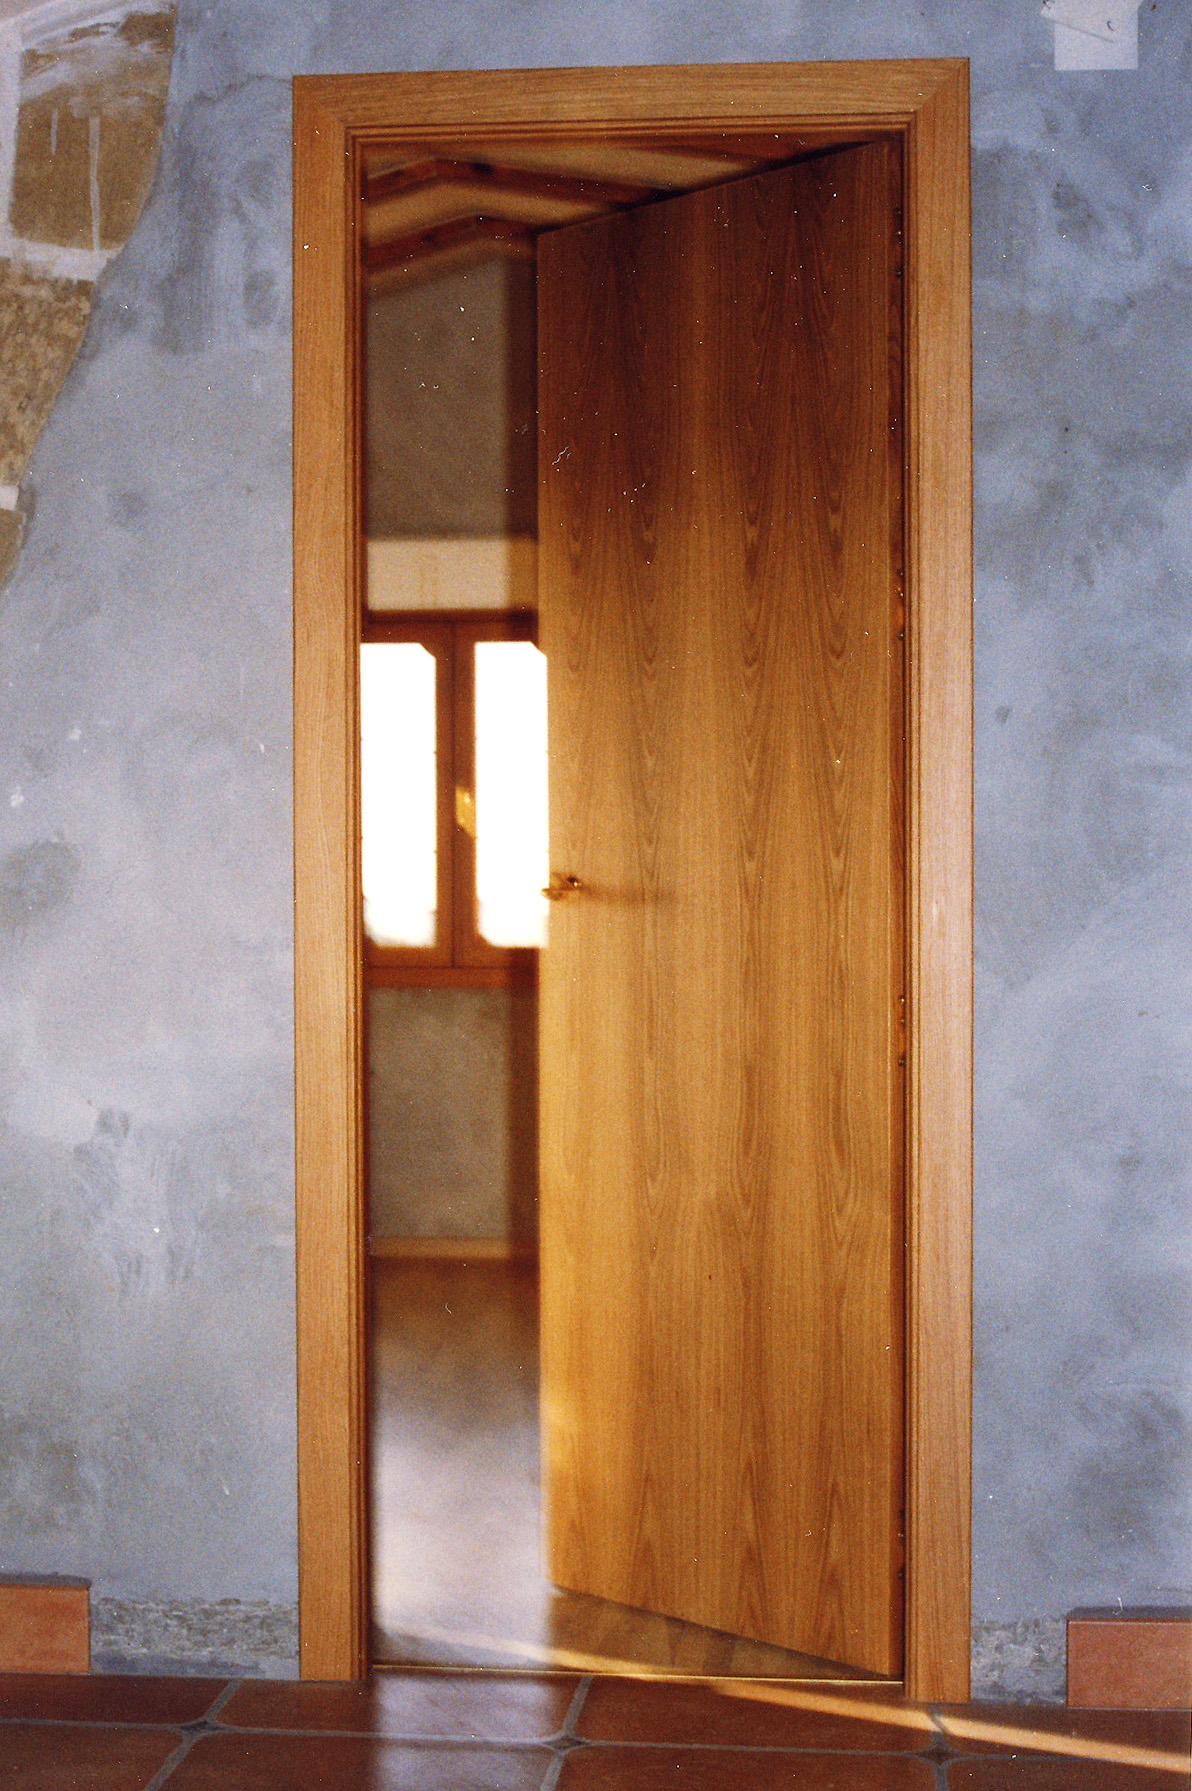 Lacar puertas barnizadas cheap puertas de madera for Cuanto vale una puerta de madera